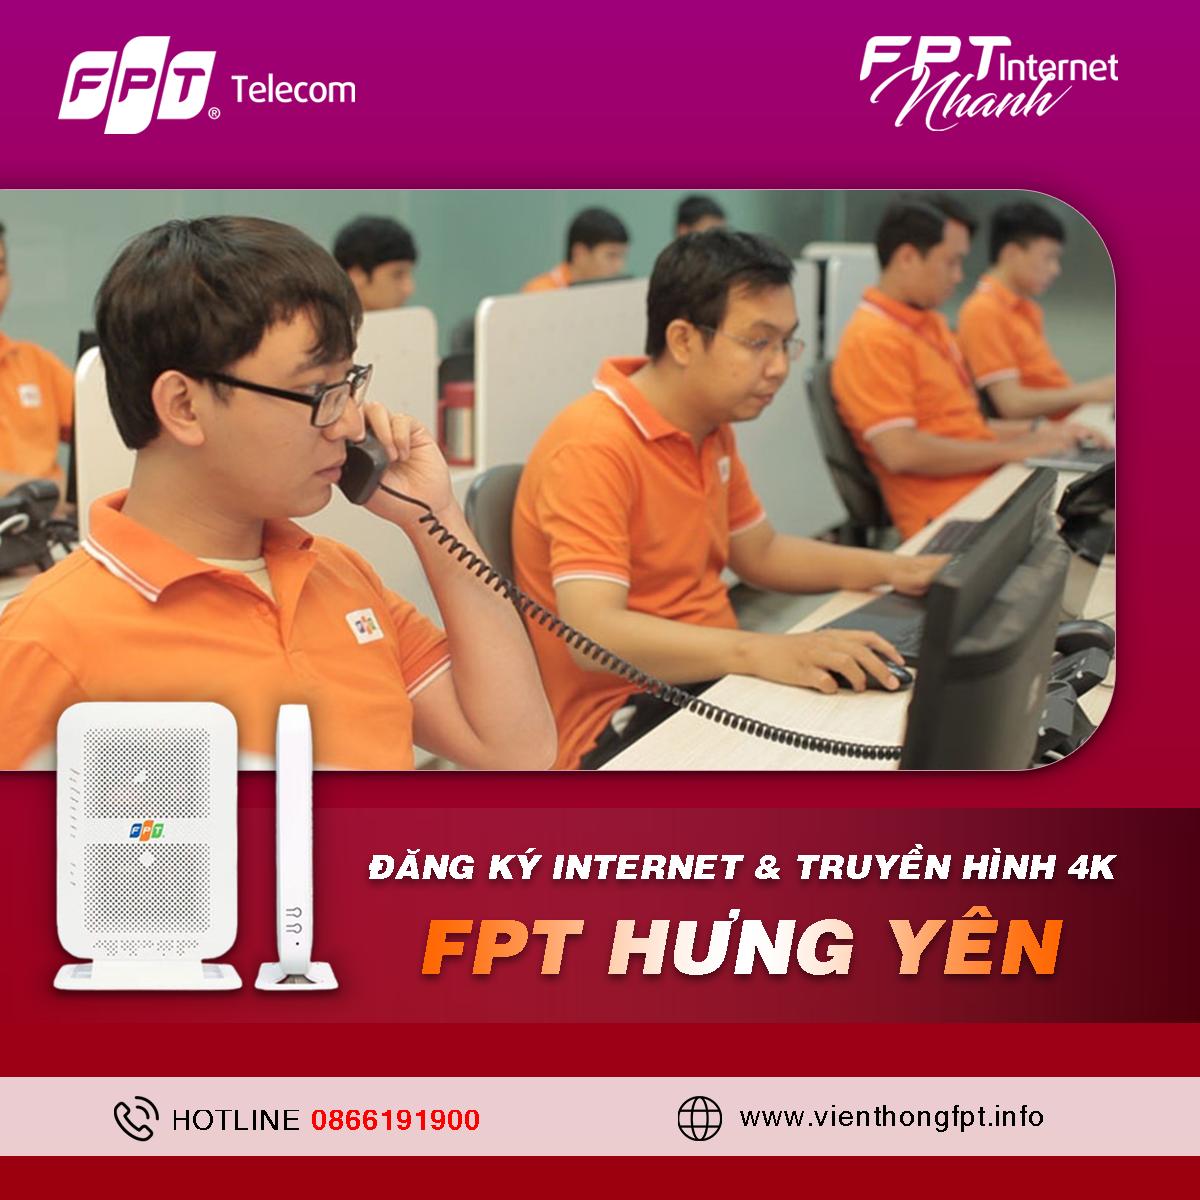 Tổng đài Đăng ký Internet FPT Hưng Yên